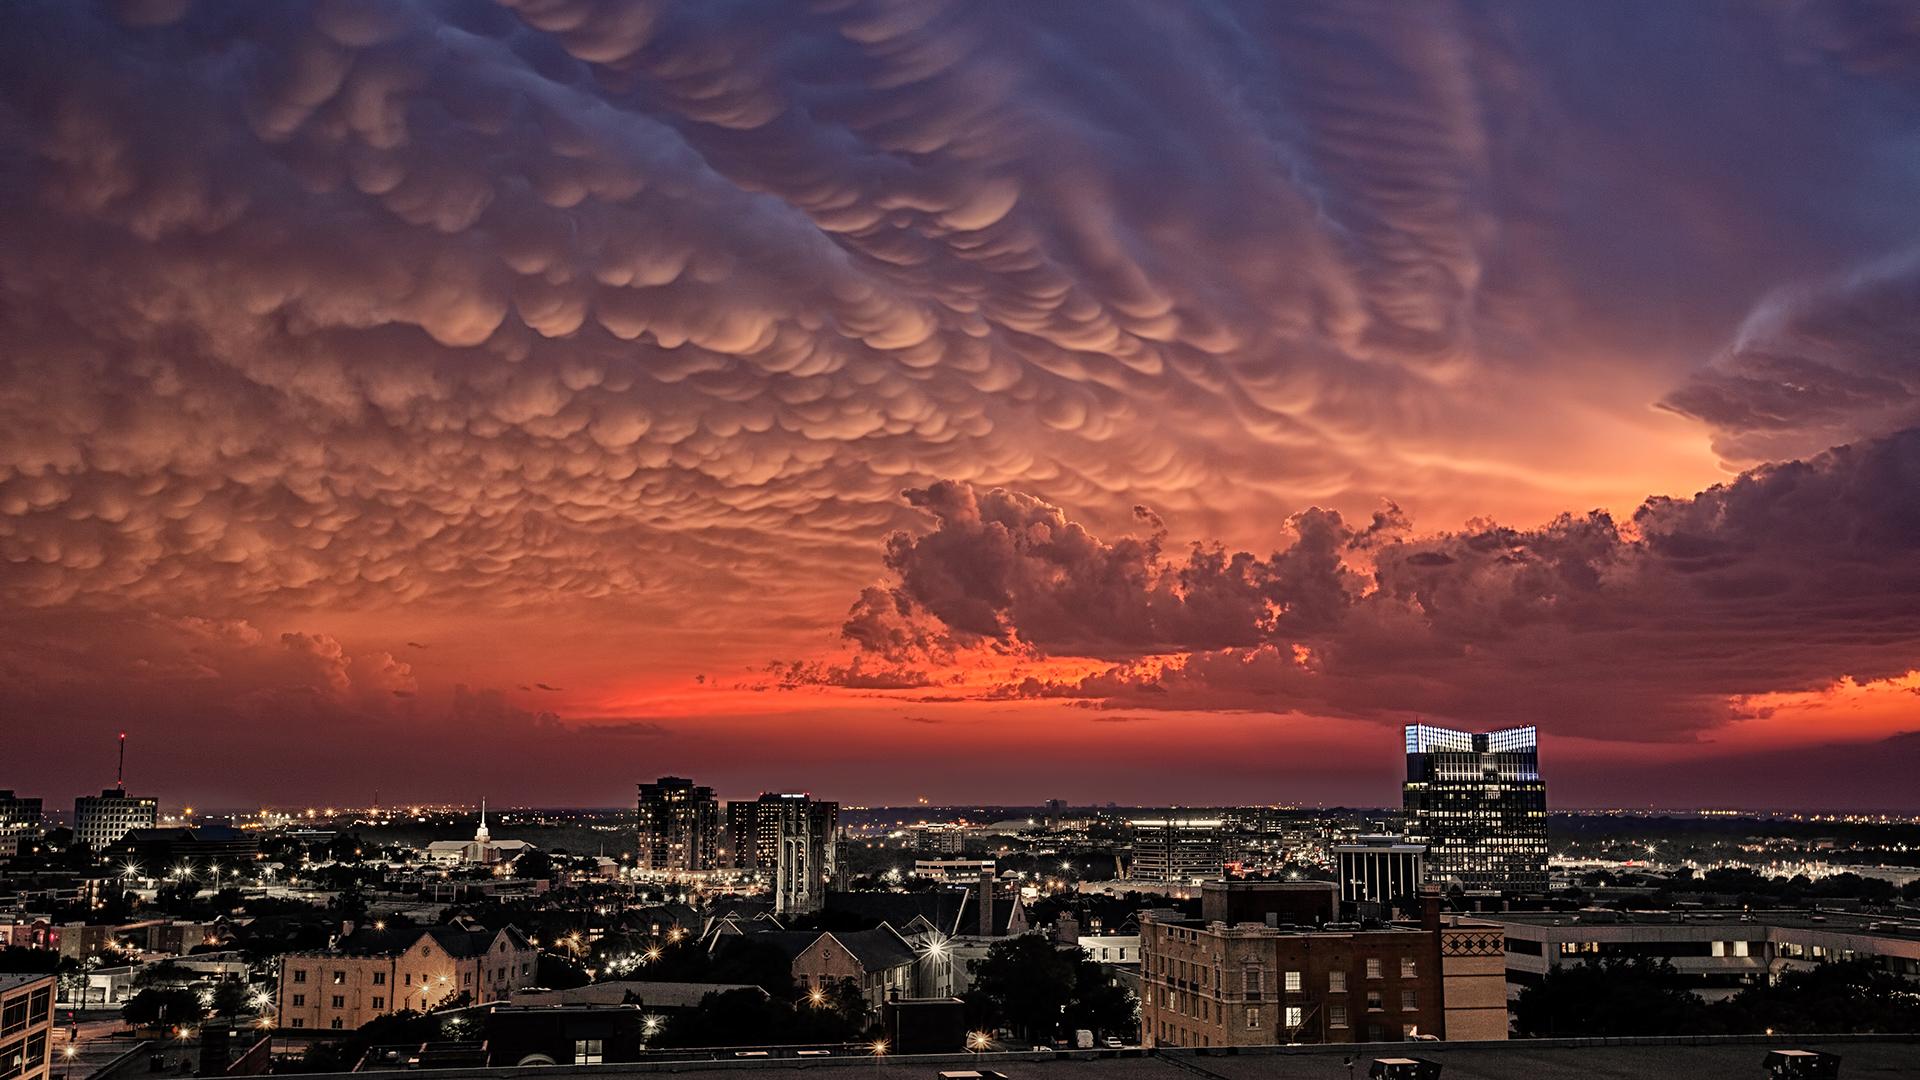 картинки с видом заката виды города на закате представляете своей